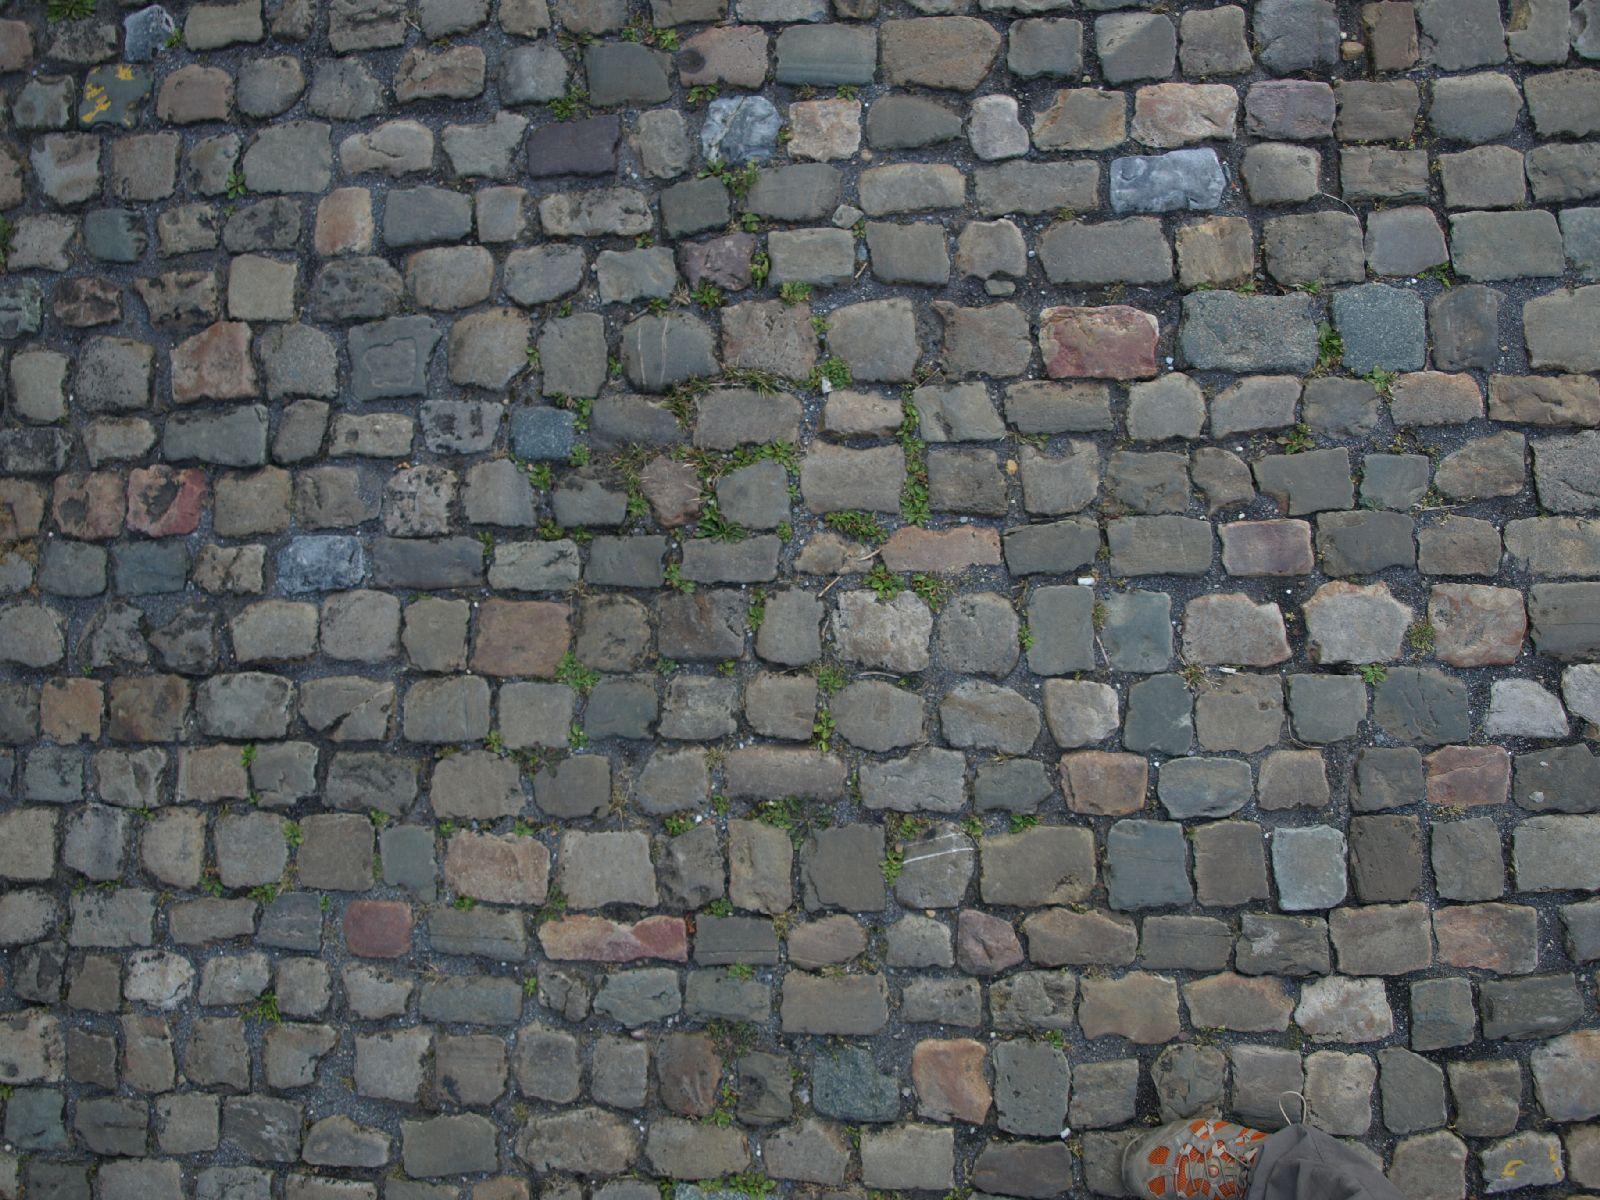 Boden-Gehweg-Strasse-Buergersteig-Textur_A_P8164375